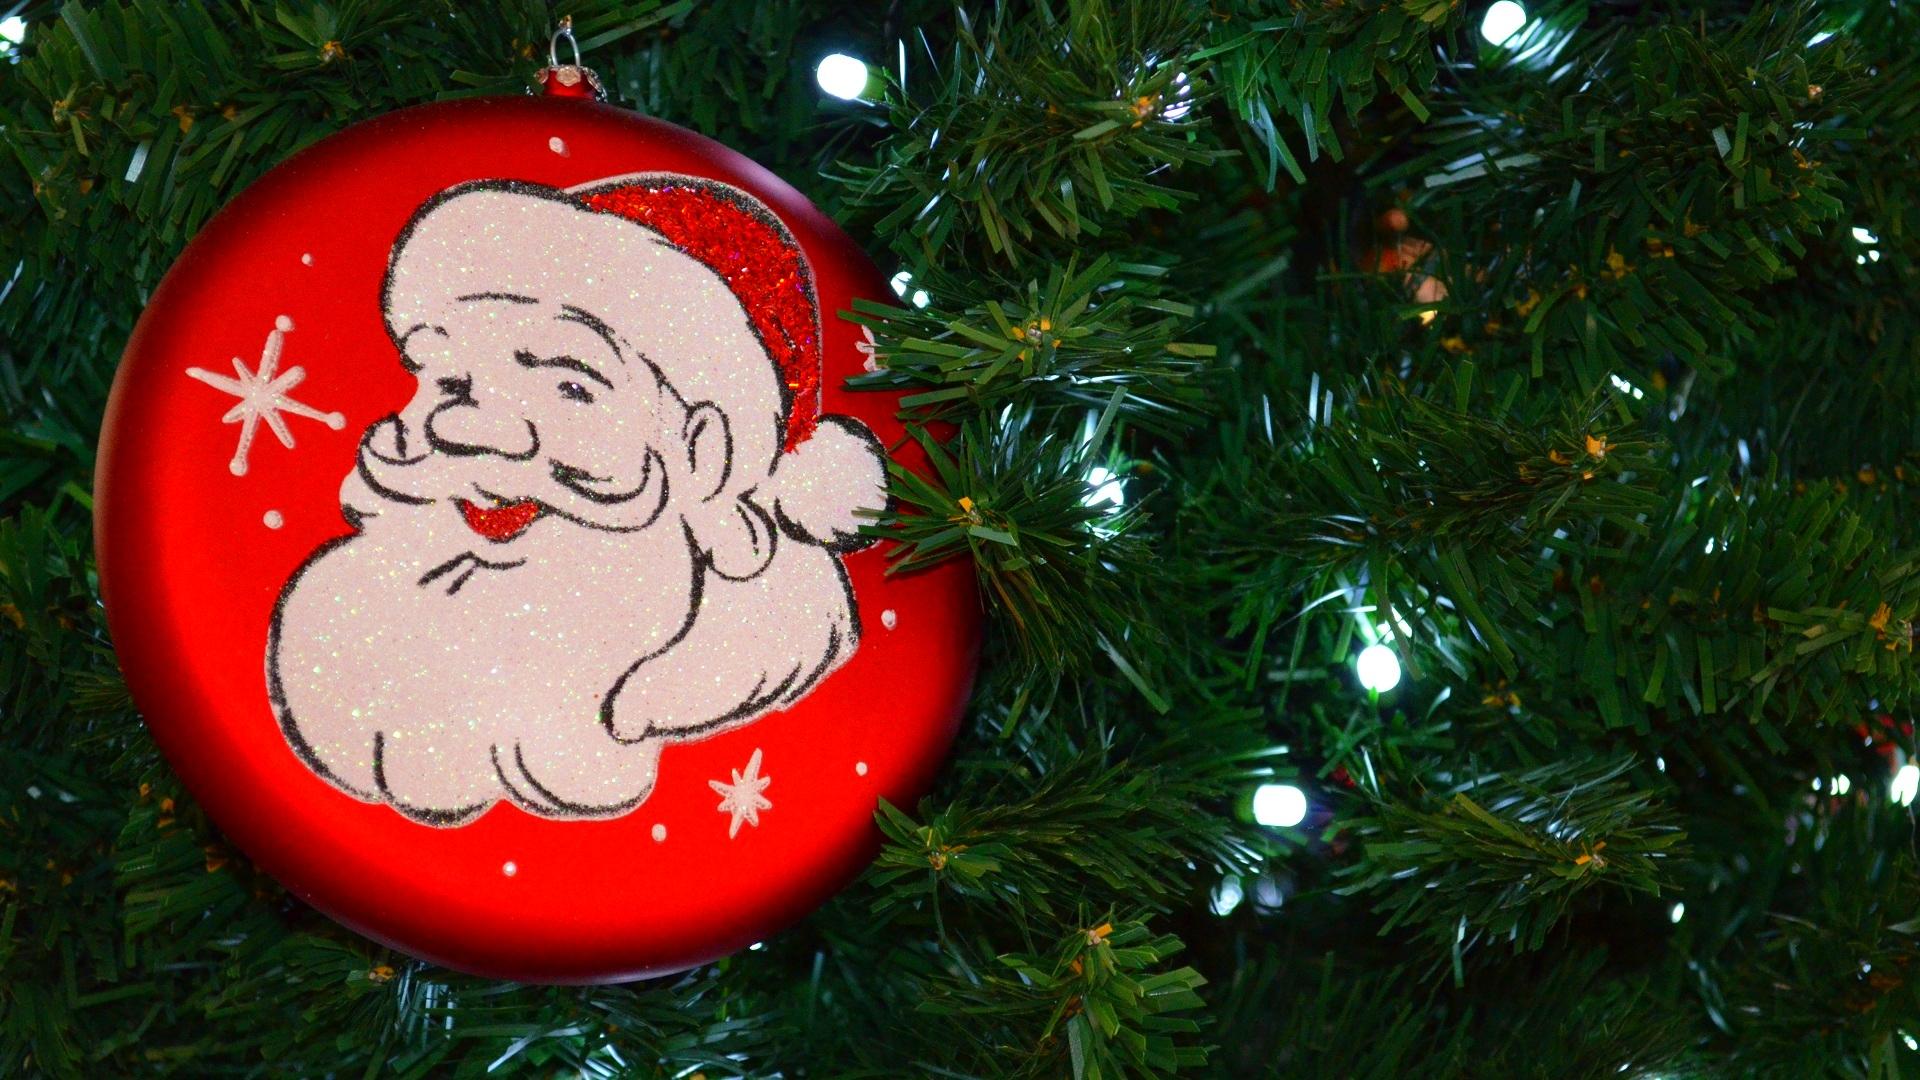 Christmas Christmas Lights Christmas Ornaments Christmas Tree Light Santa 1920x1080